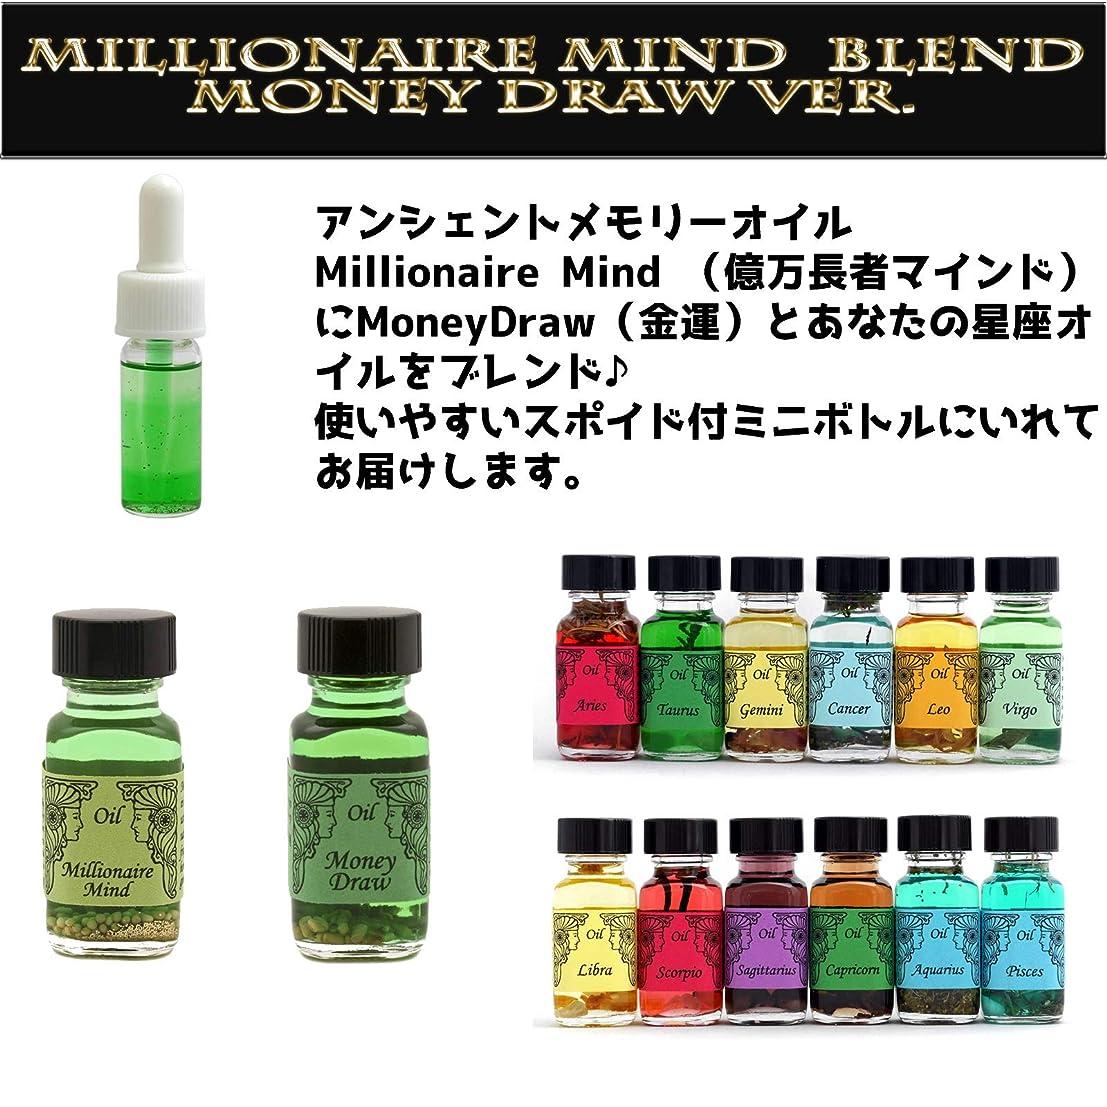 画面耐えられる銀河アンシェントメモリーオイル Millionaire Mind 億万長者マインド ブレンド(Money Drawマネードロー(金運)&いて座